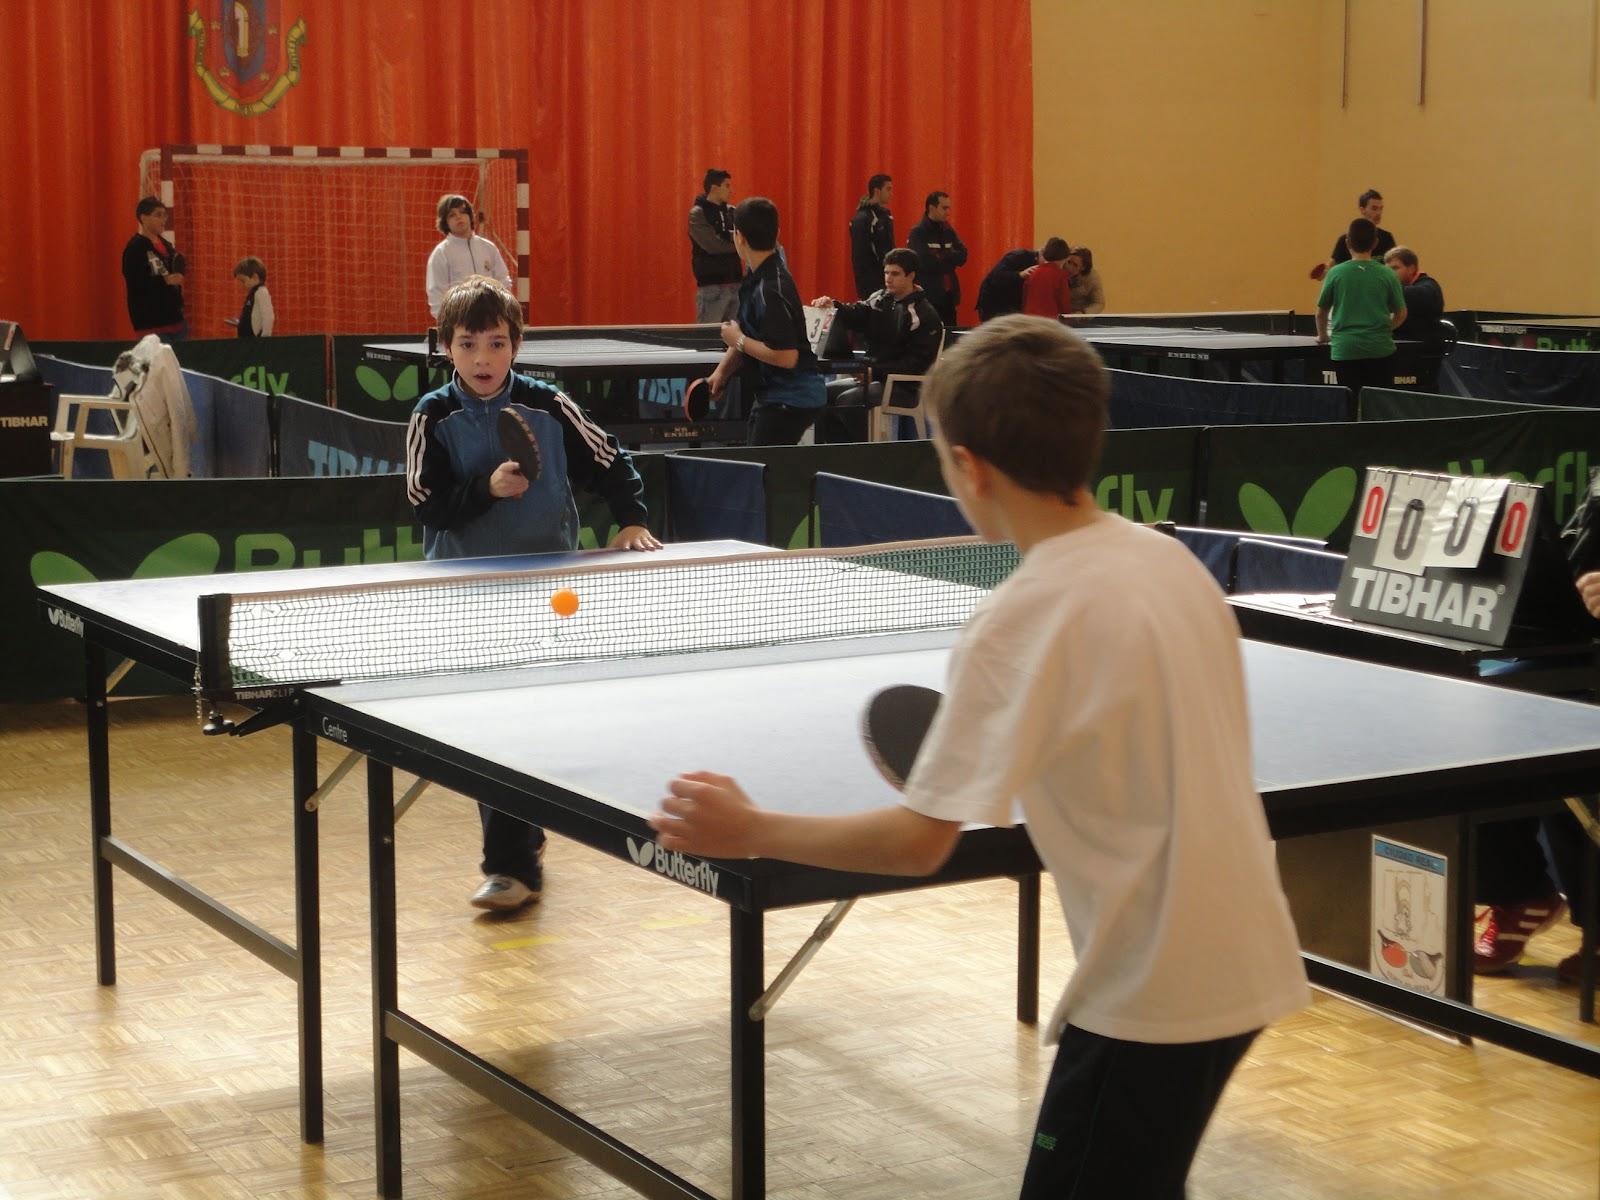 Colegio sagrada familia alcazar torneo provincial tenis de mesa - Torneo tenis de mesa ...